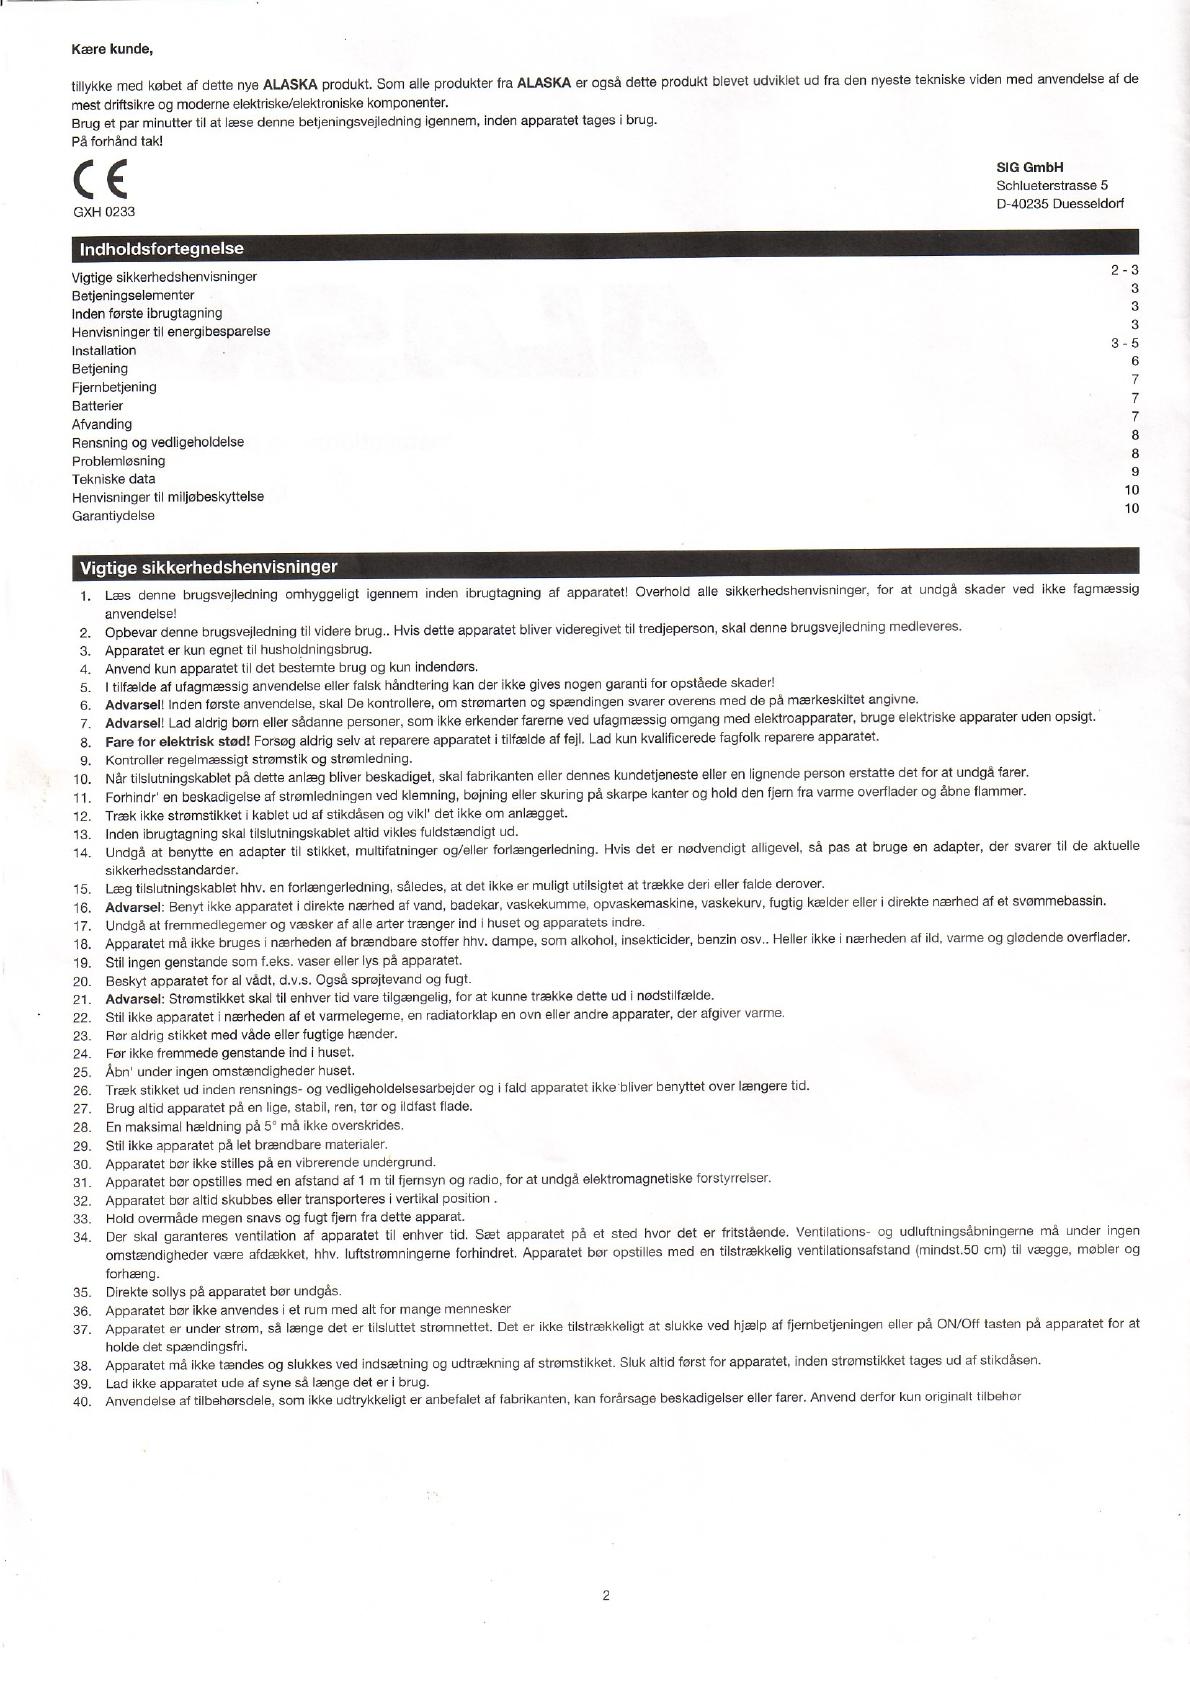 alaska mac 12010 bedienungsanleitung